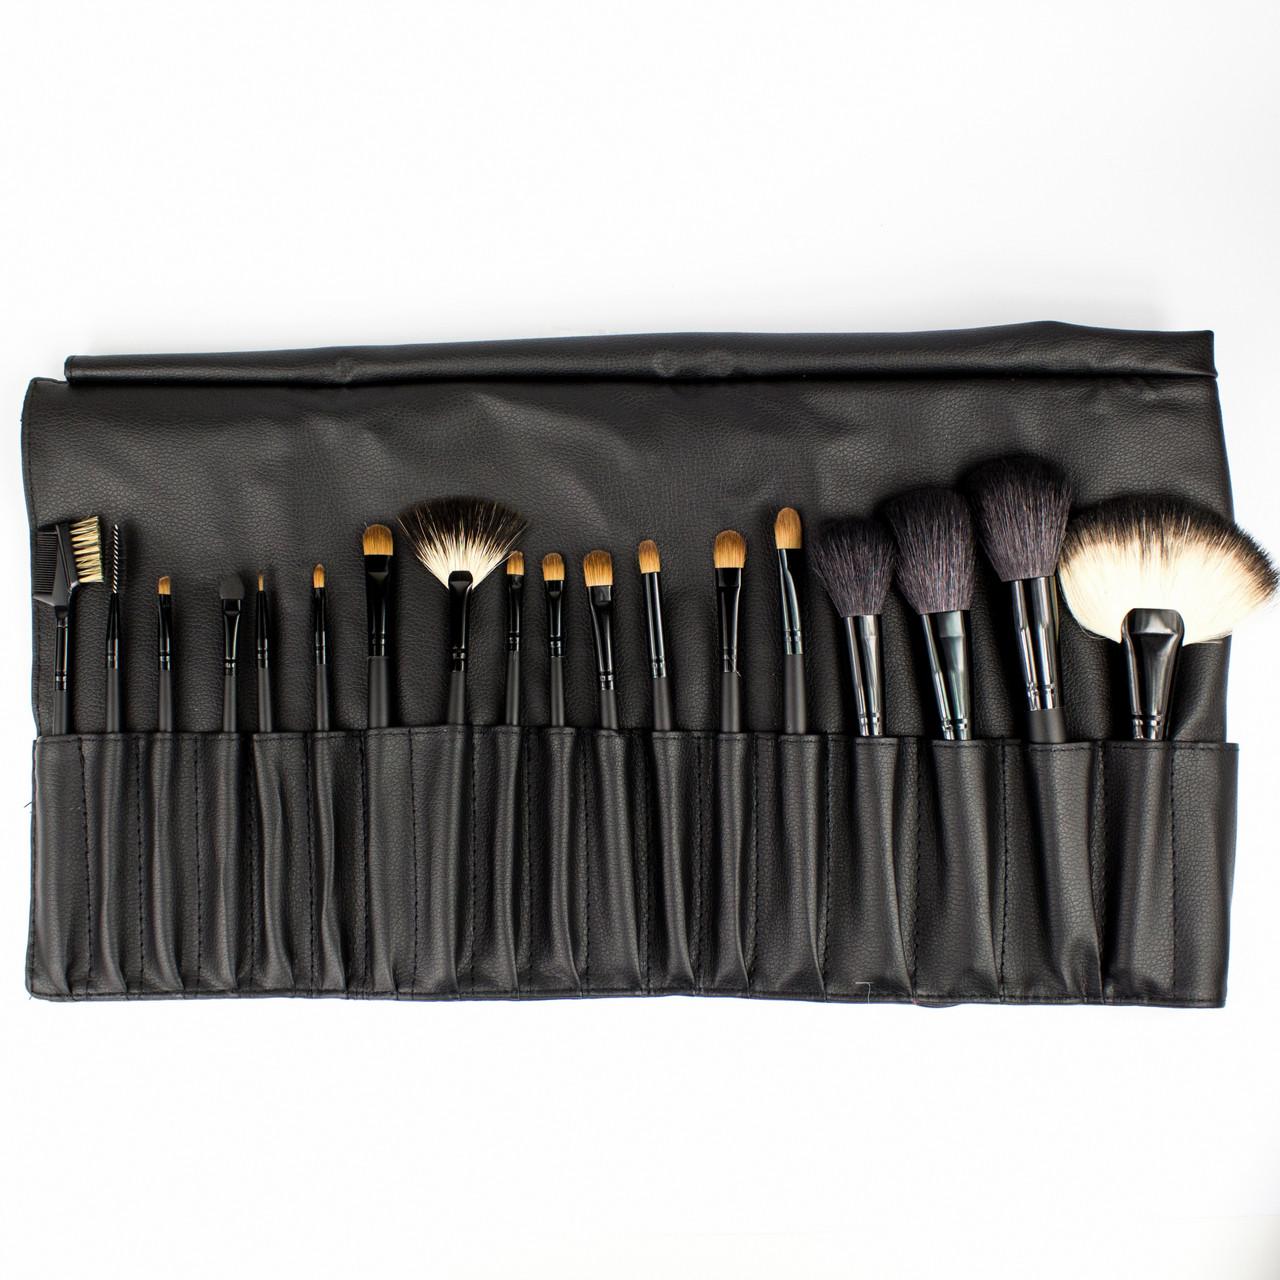 Набор из 18 кистей для макияжа Beauties Factory 2010 Premium Edition Makeup Brushes